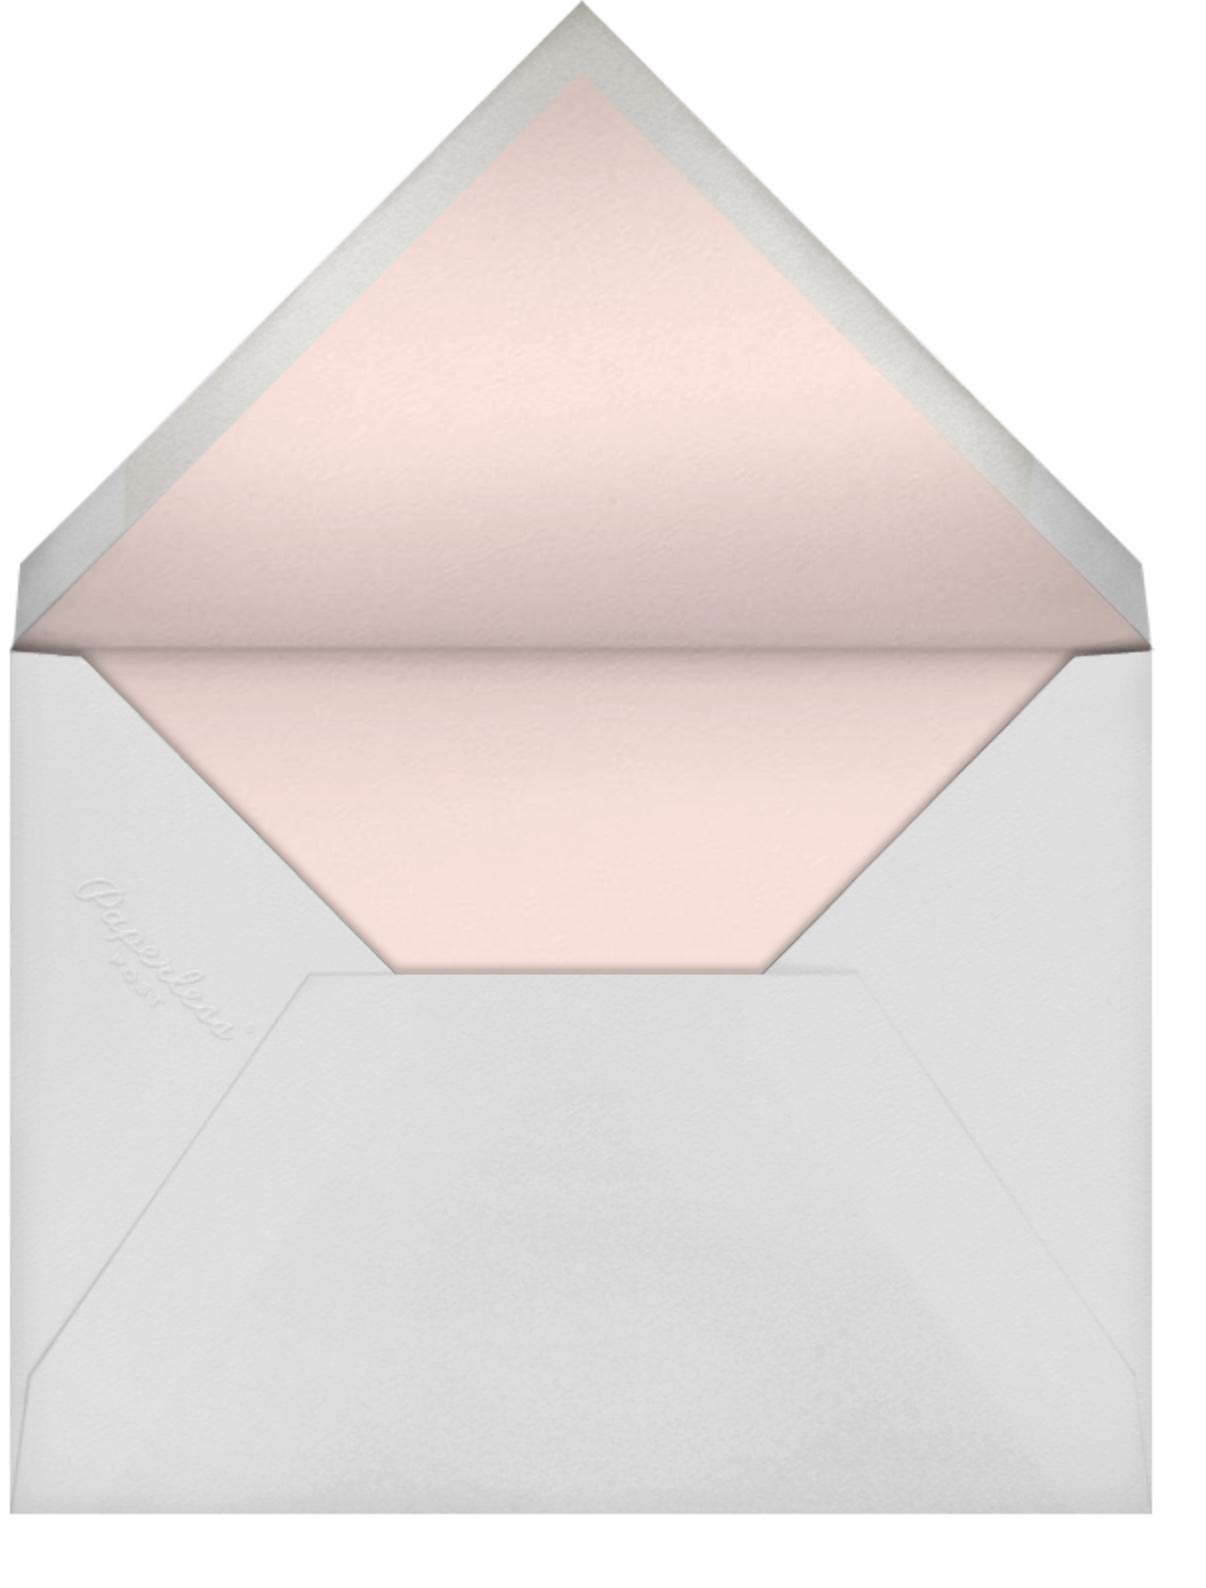 Leaf Lace I (Tall) - Pink - Oscar de la Renta - Envelope